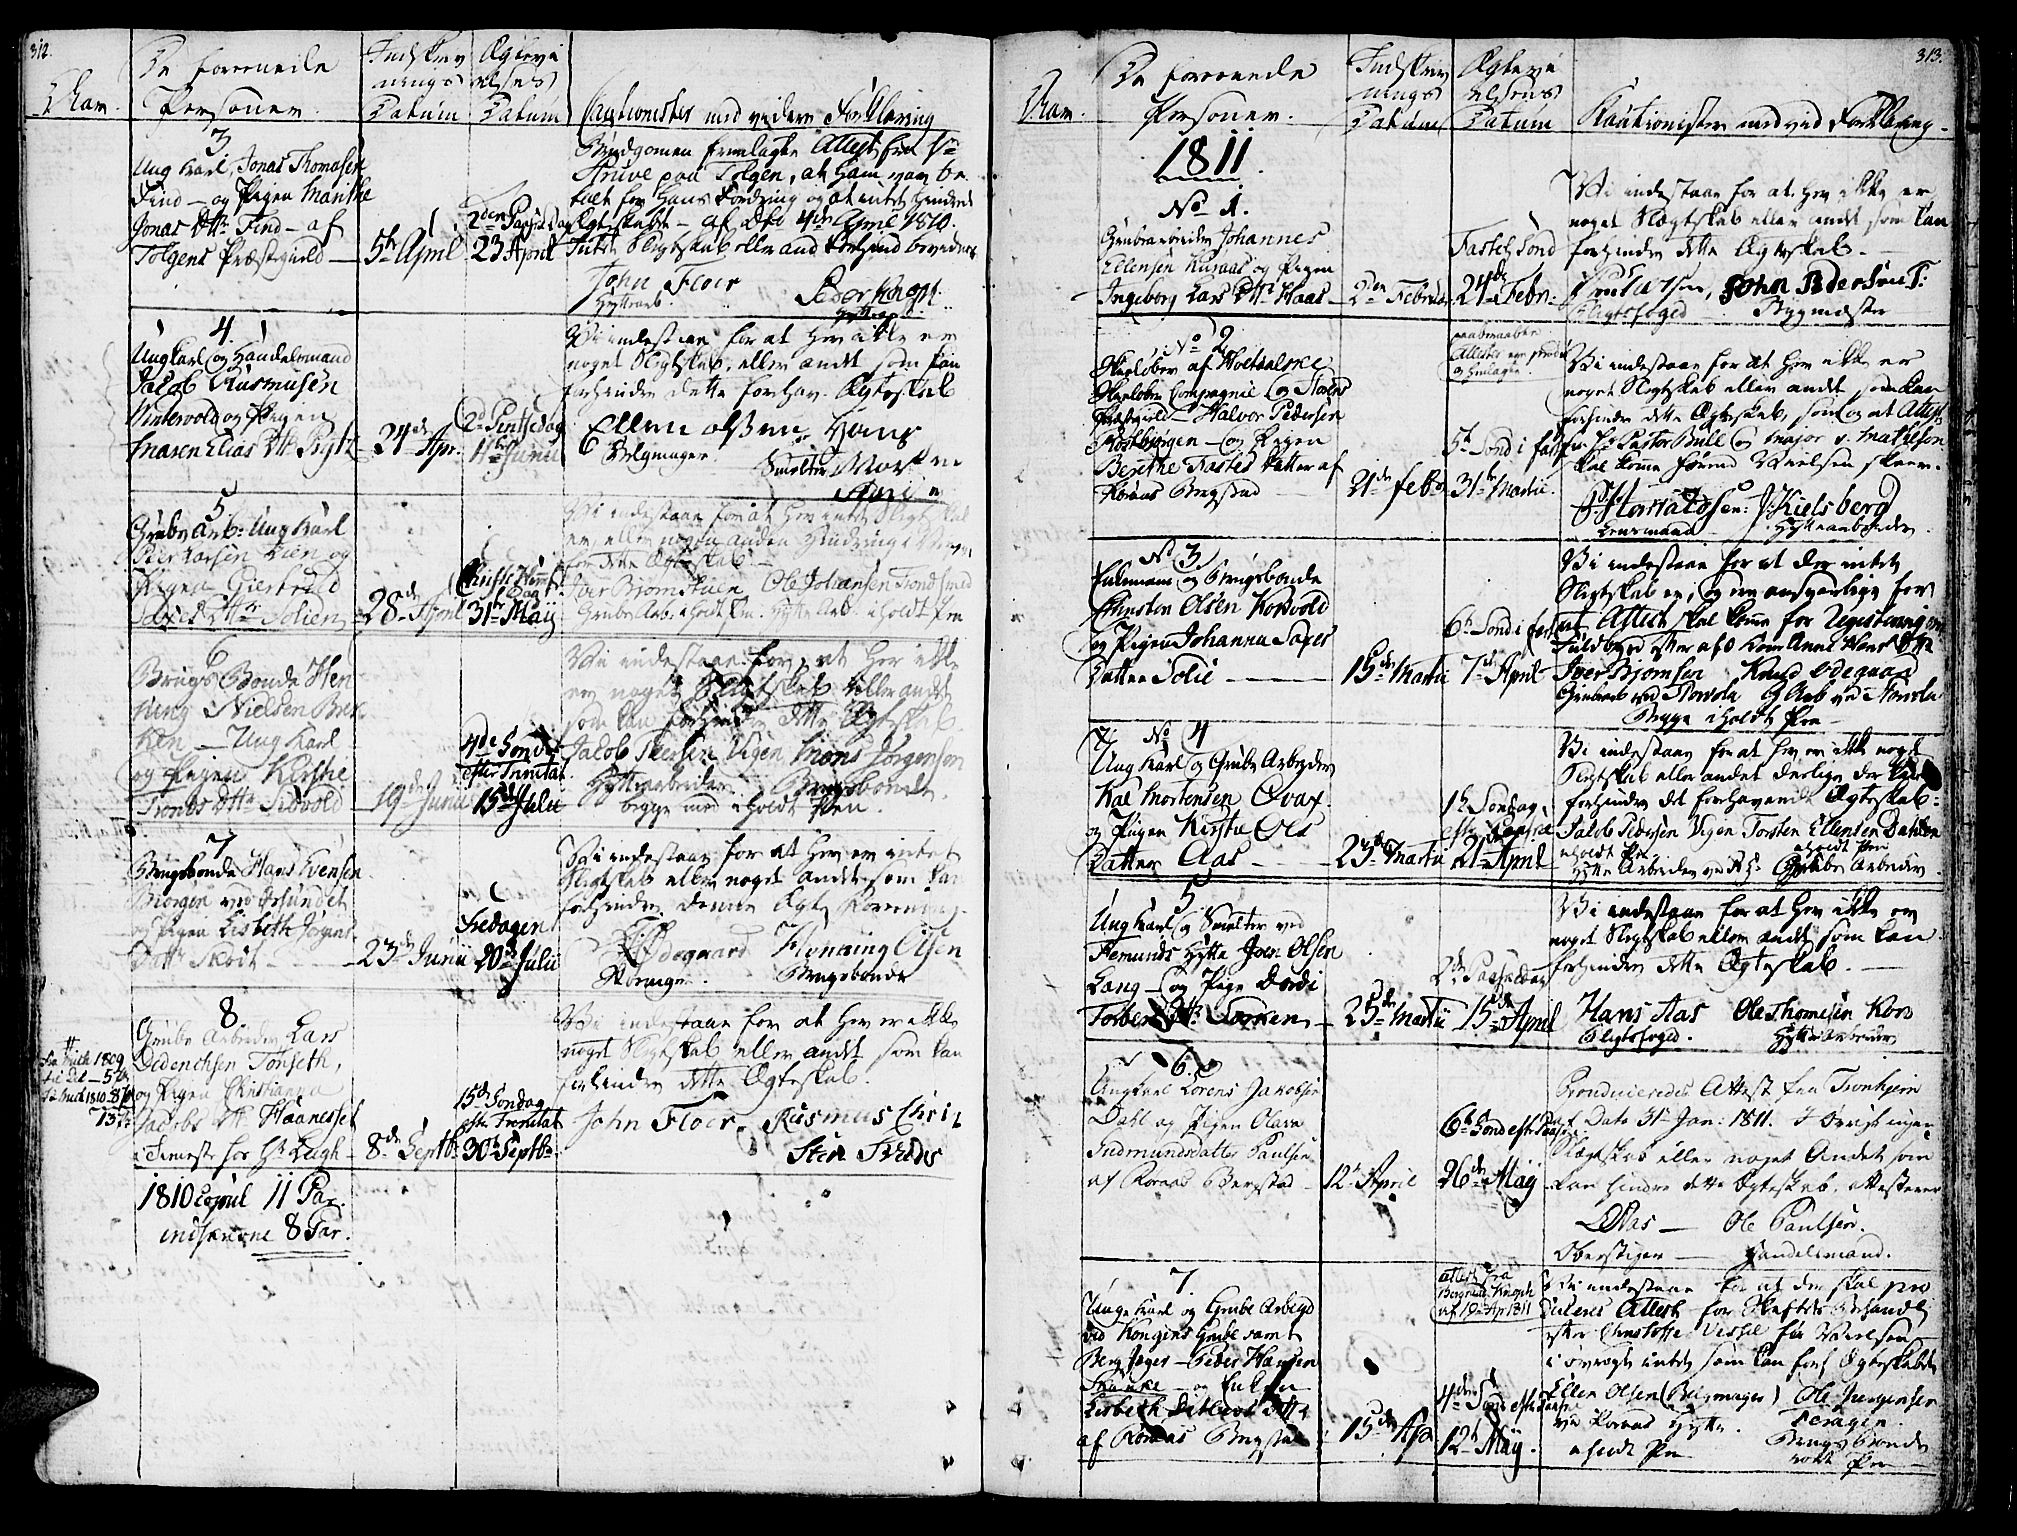 SAT, Ministerialprotokoller, klokkerbøker og fødselsregistre - Sør-Trøndelag, 681/L0928: Ministerialbok nr. 681A06, 1806-1816, s. 312-313